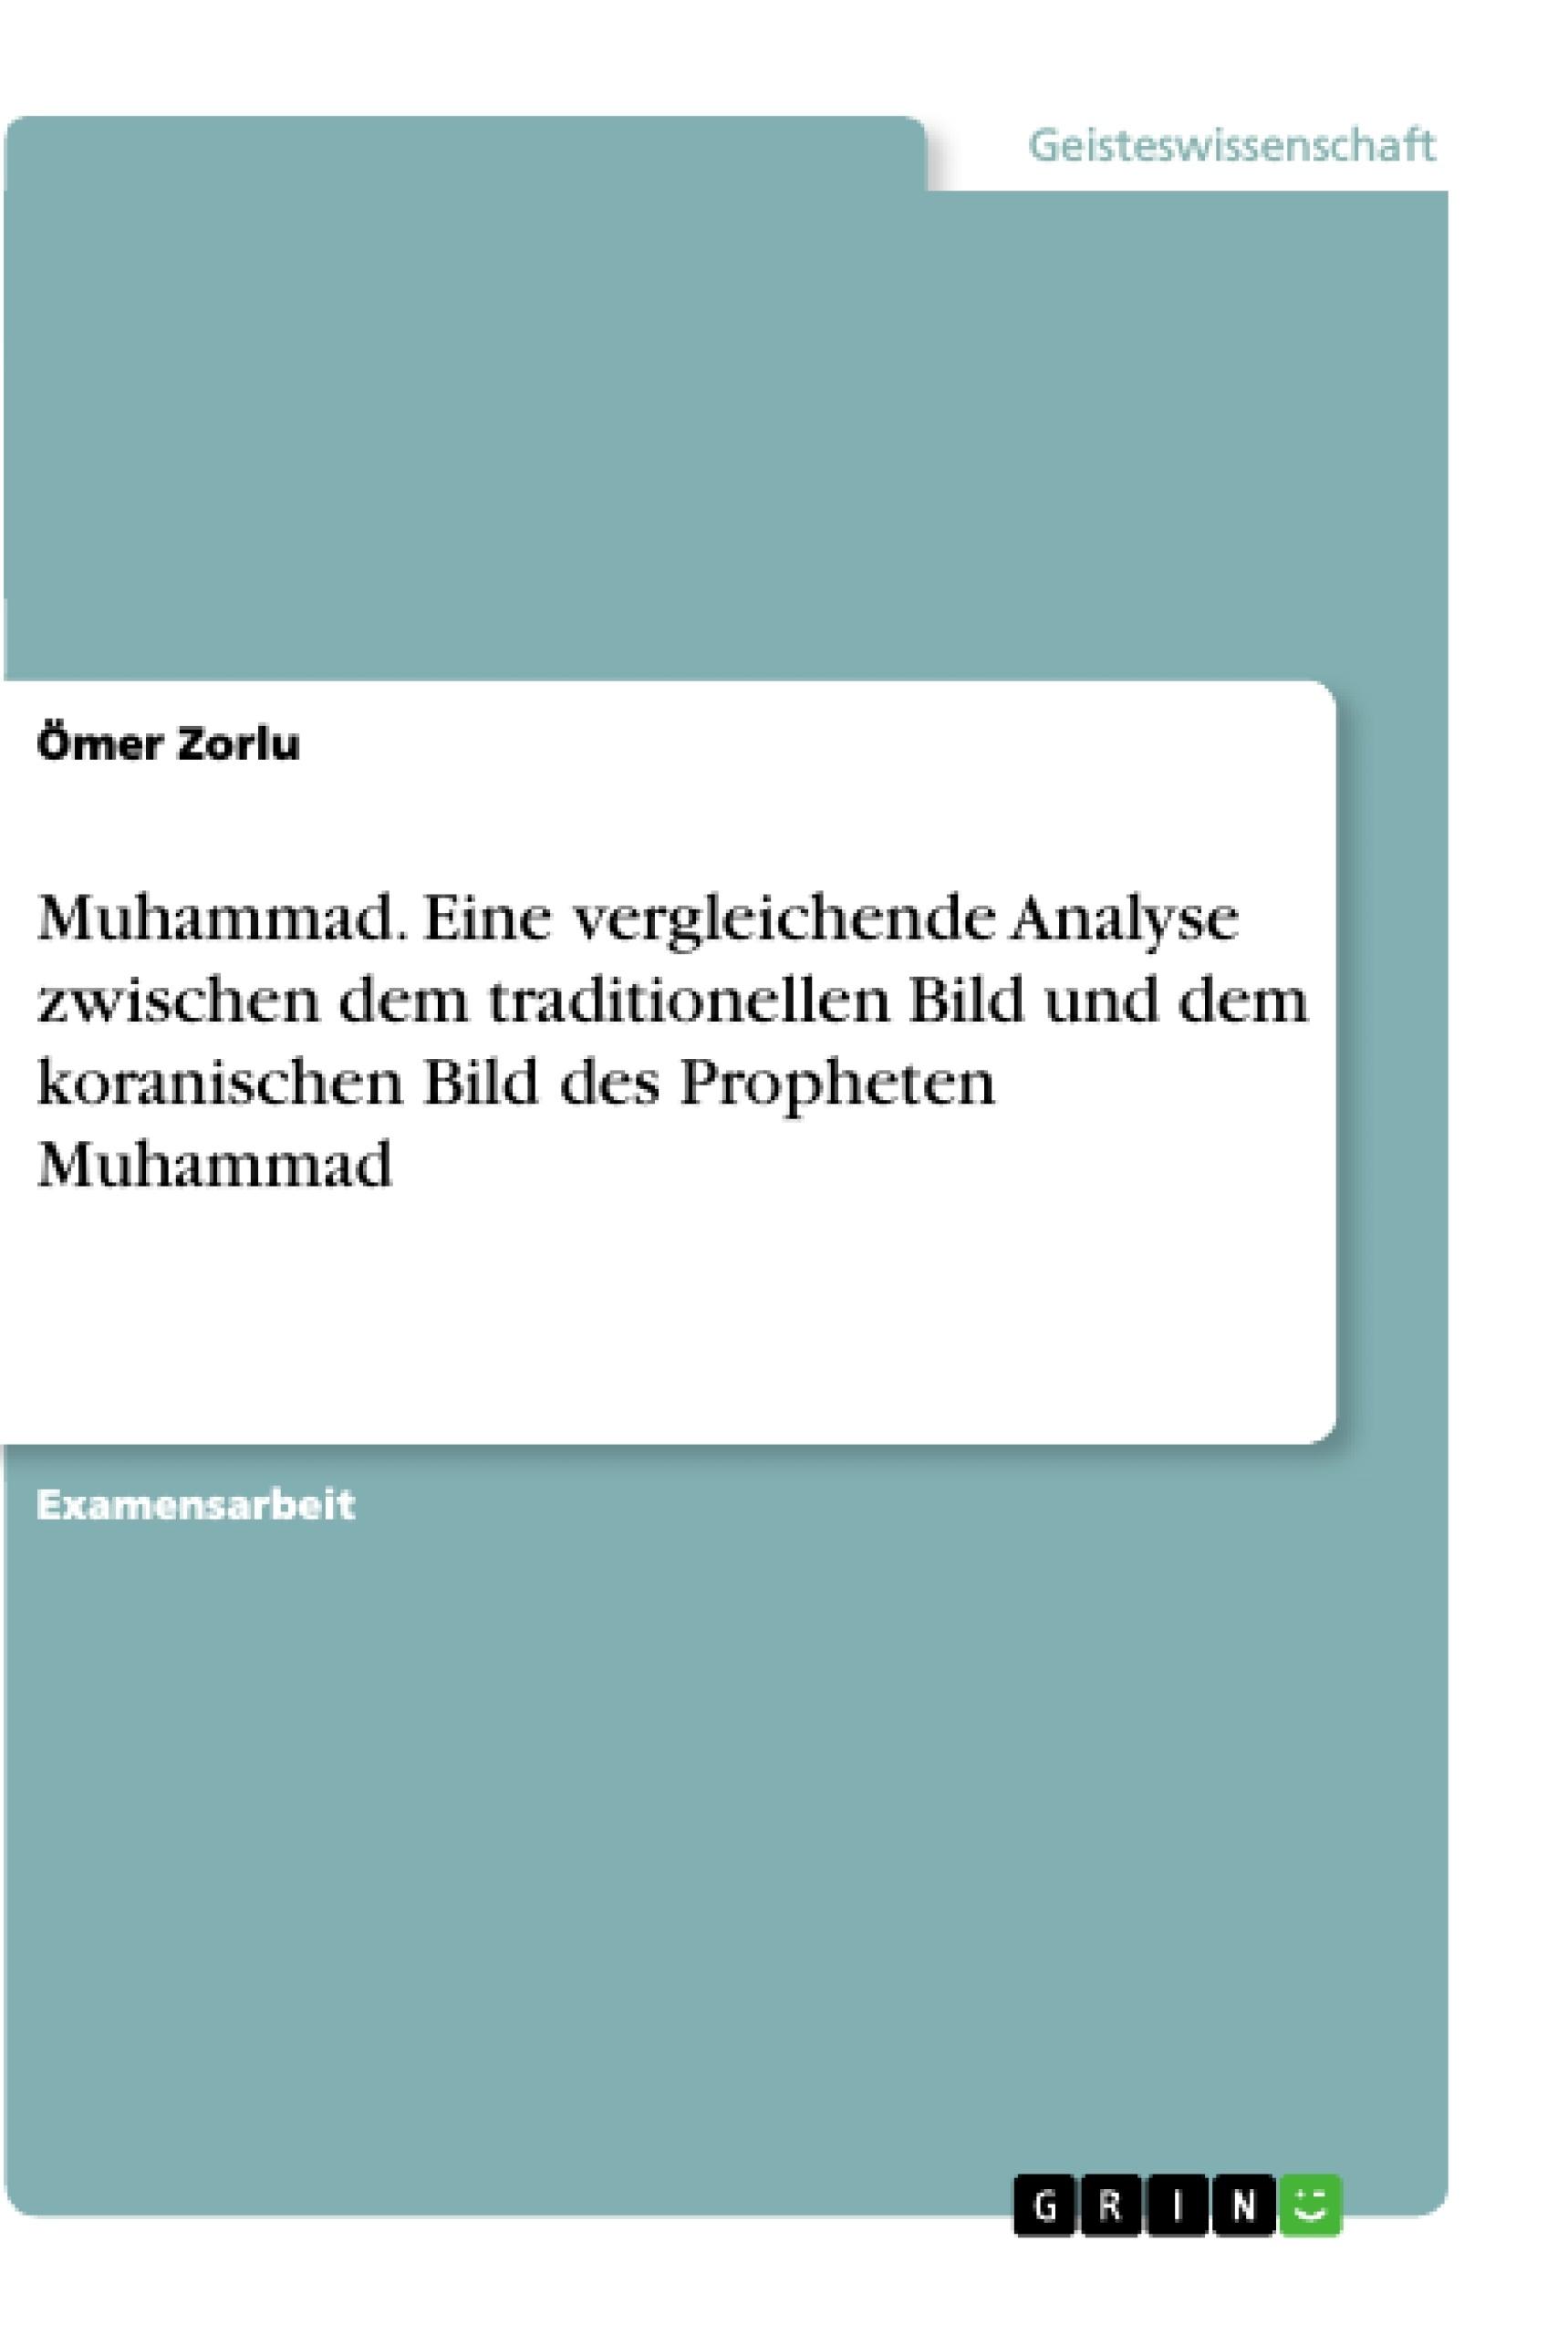 Titel: Muhammad. Eine vergleichende Analyse zwischen dem traditionellen Bild und dem koranischen Bild des Propheten Muhammad